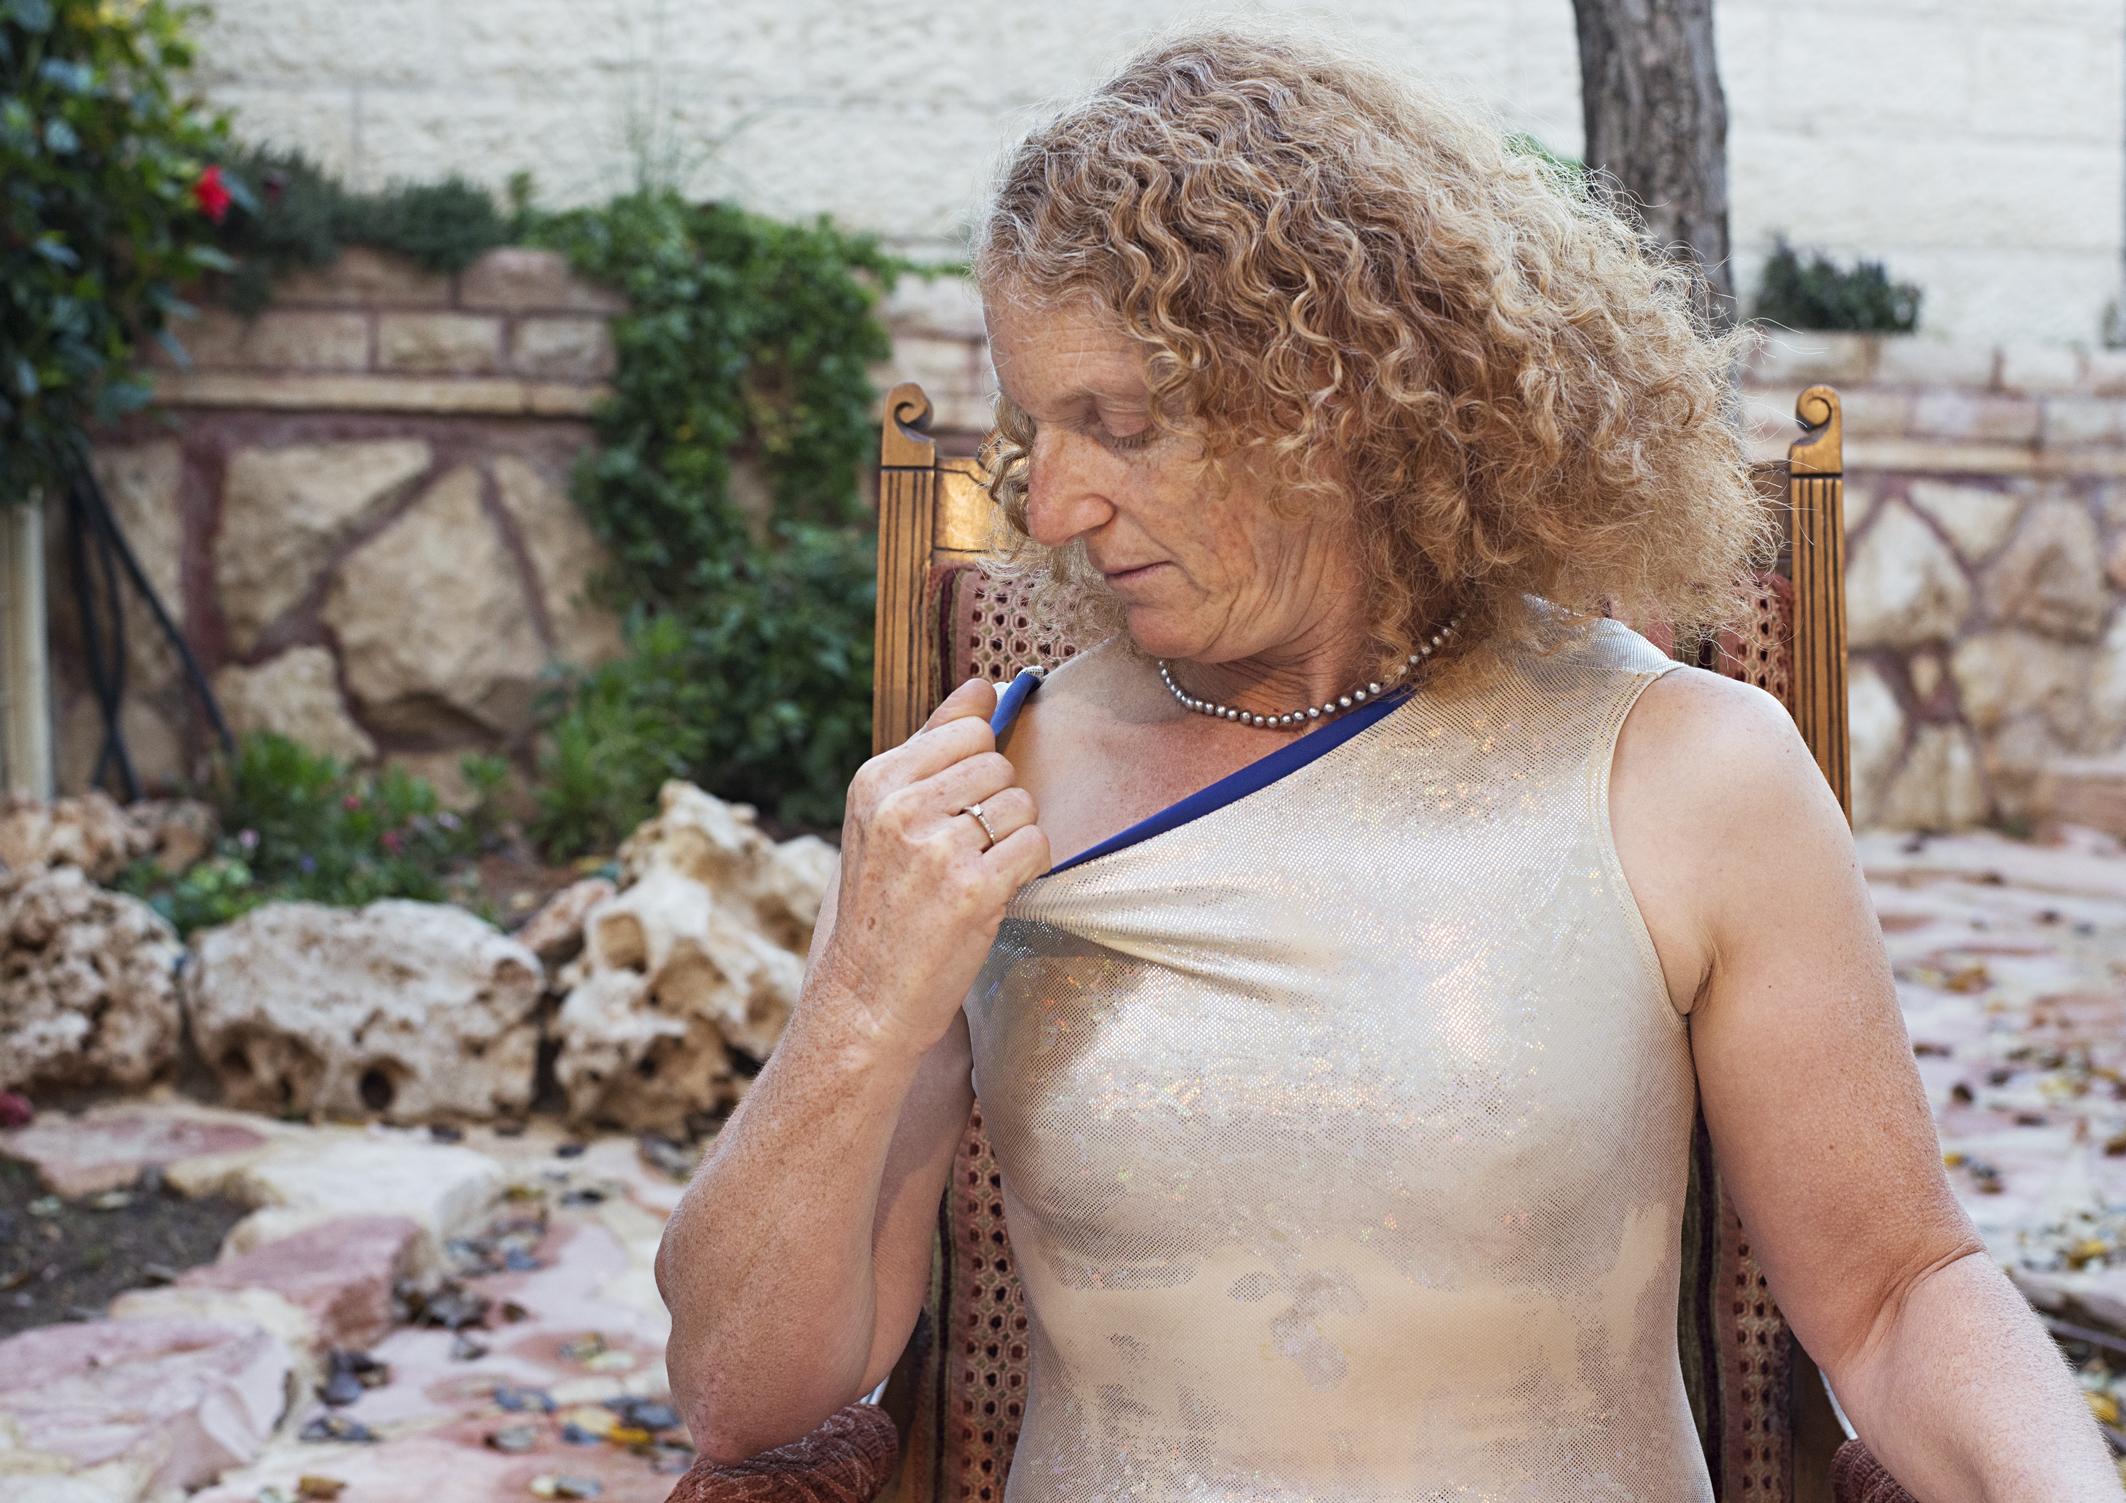 Untitled, Jerusalem, January 2015